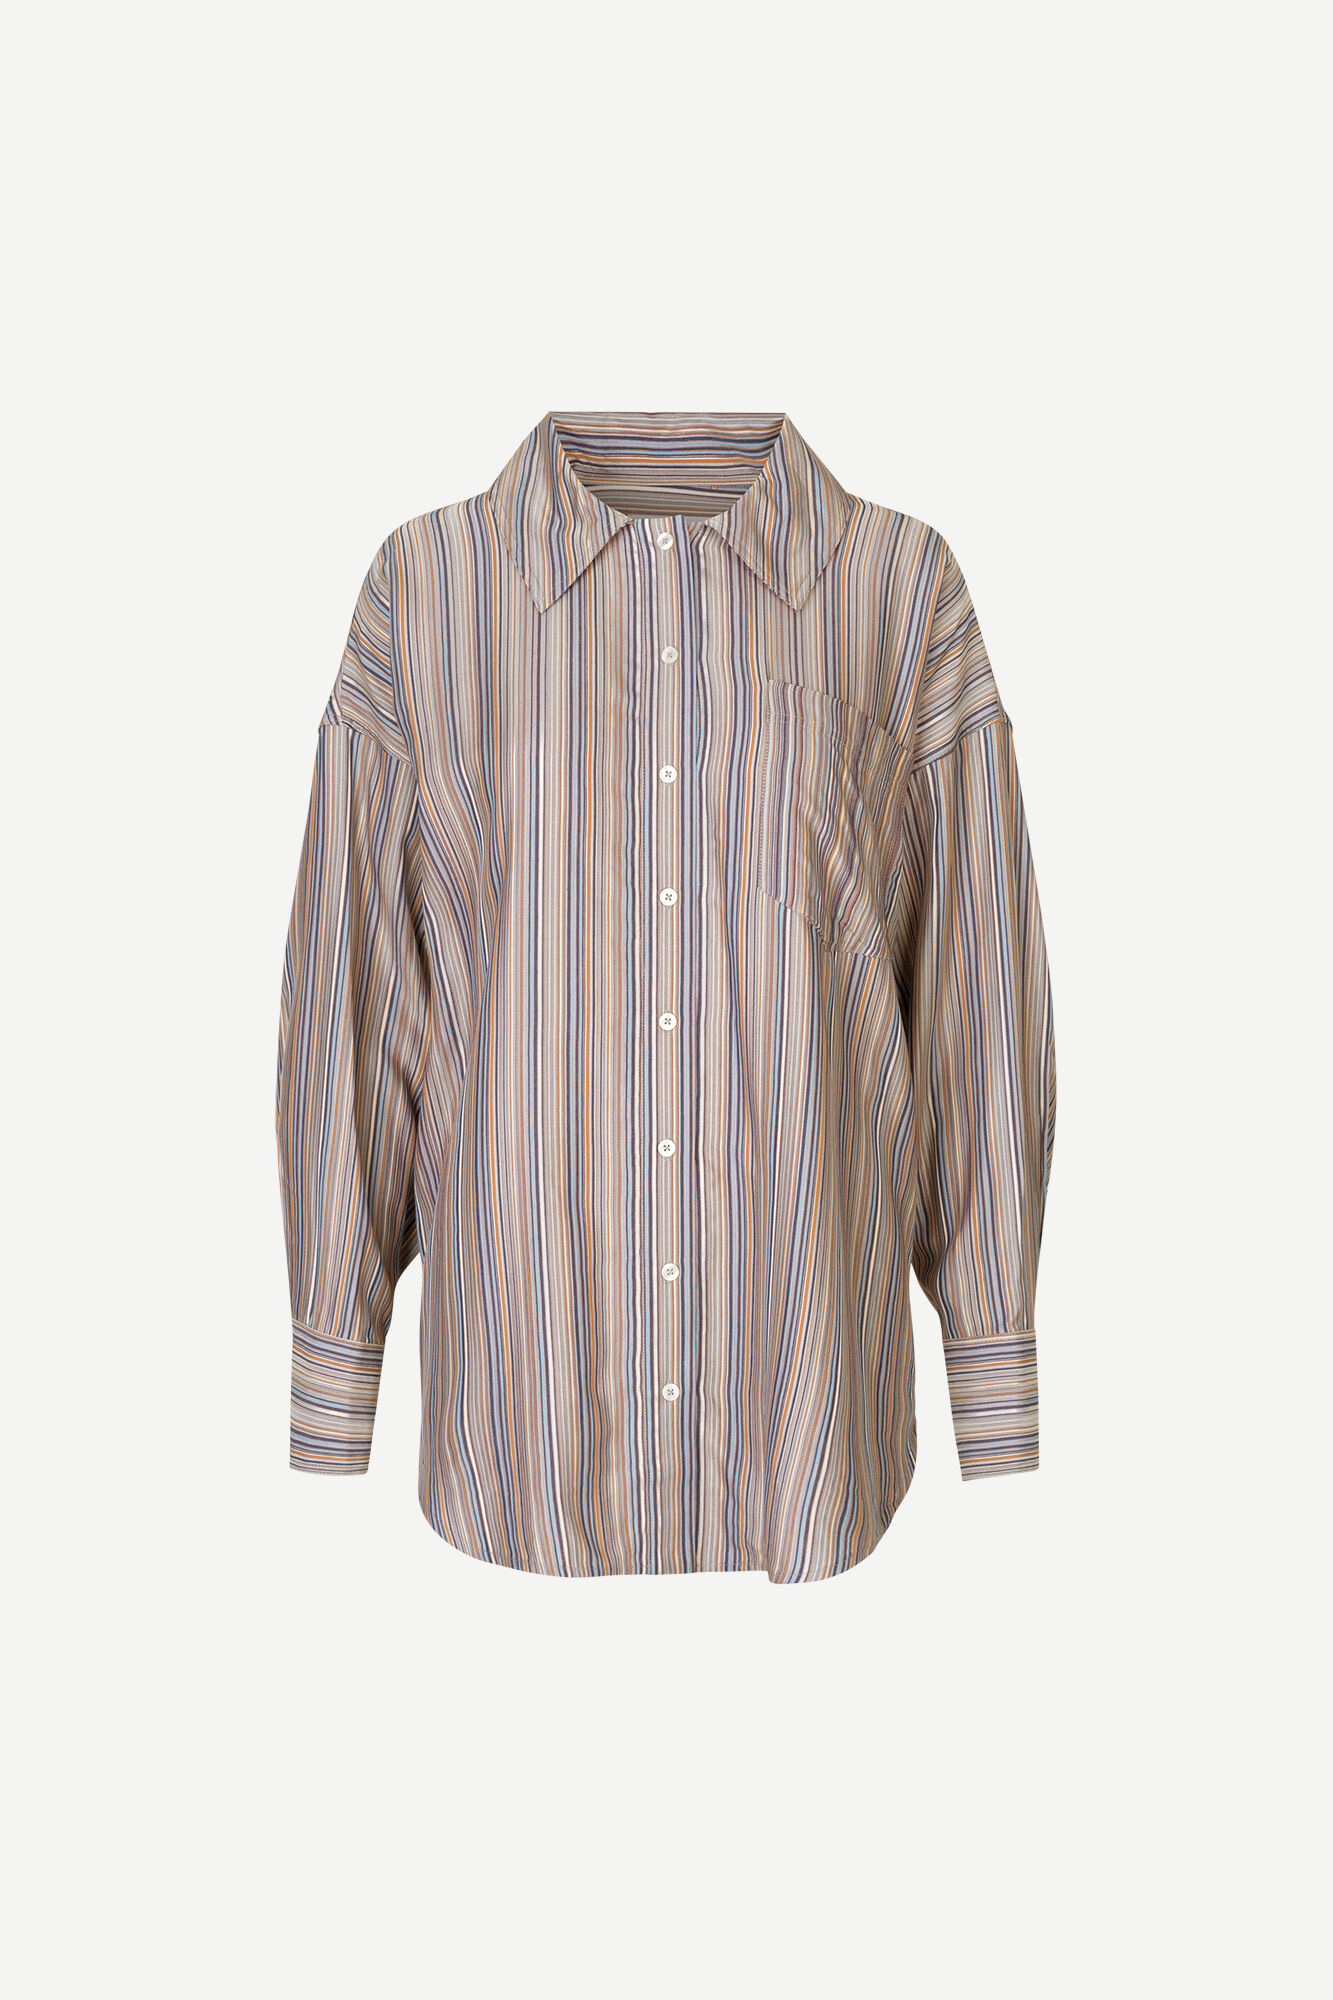 Arielle shirt 13162